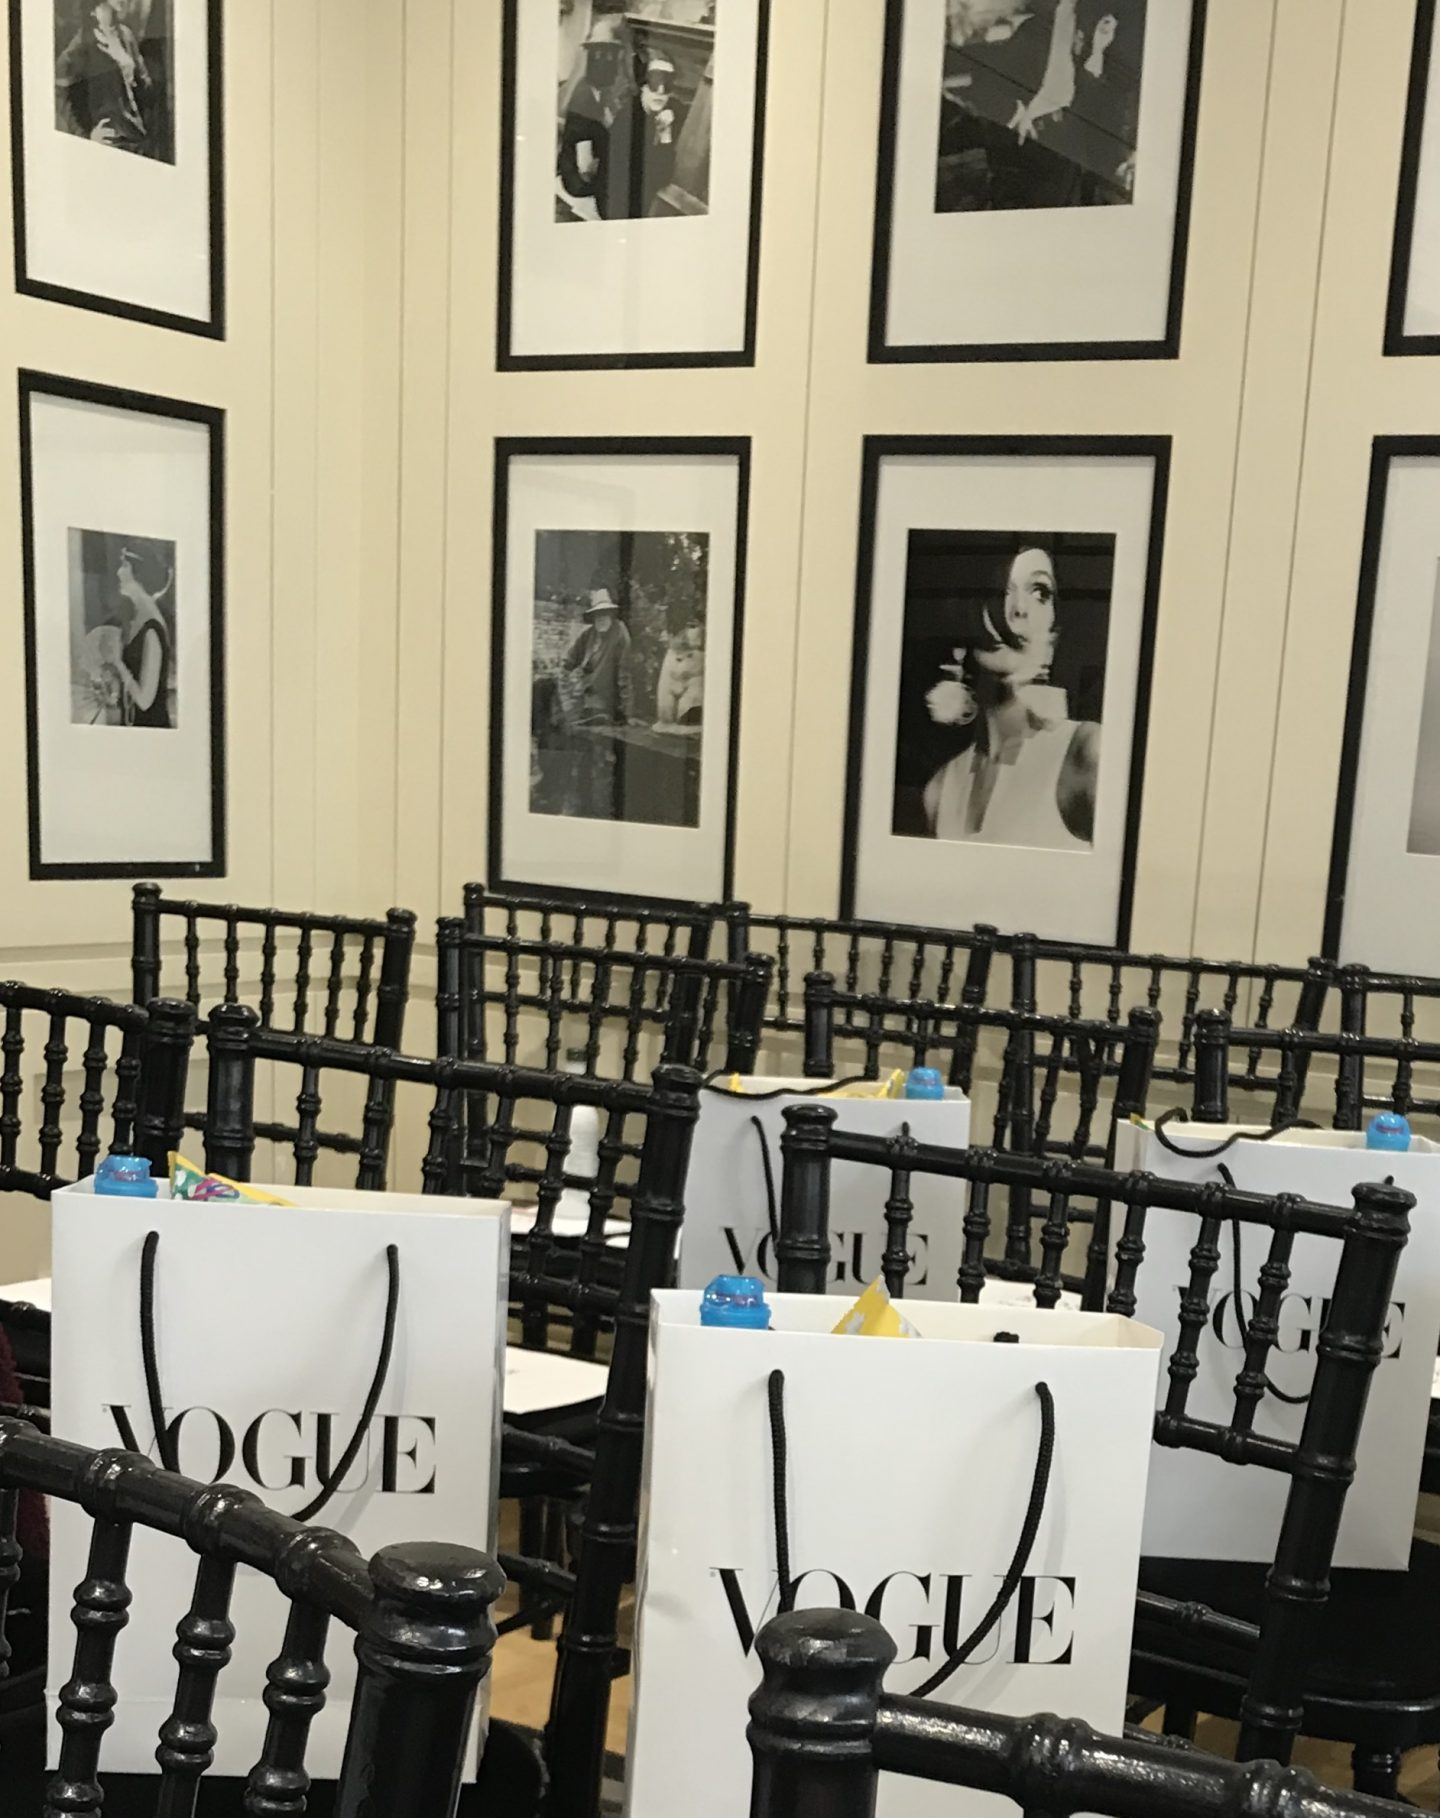 Vogue boardroom